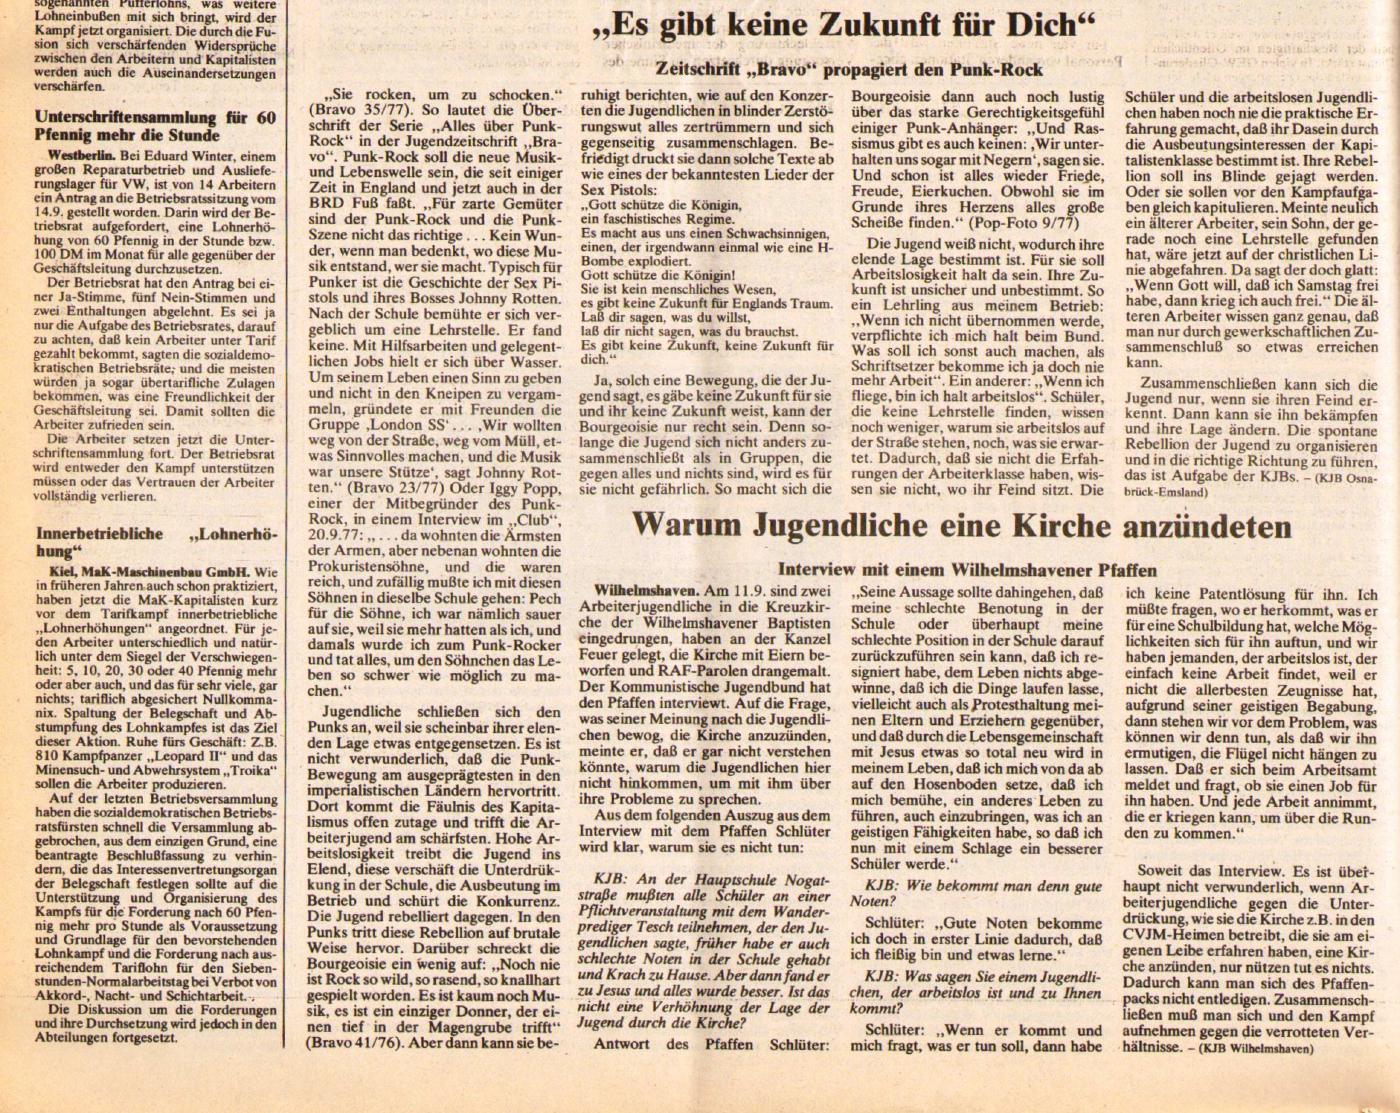 KVZ_Nord_1977_39_12